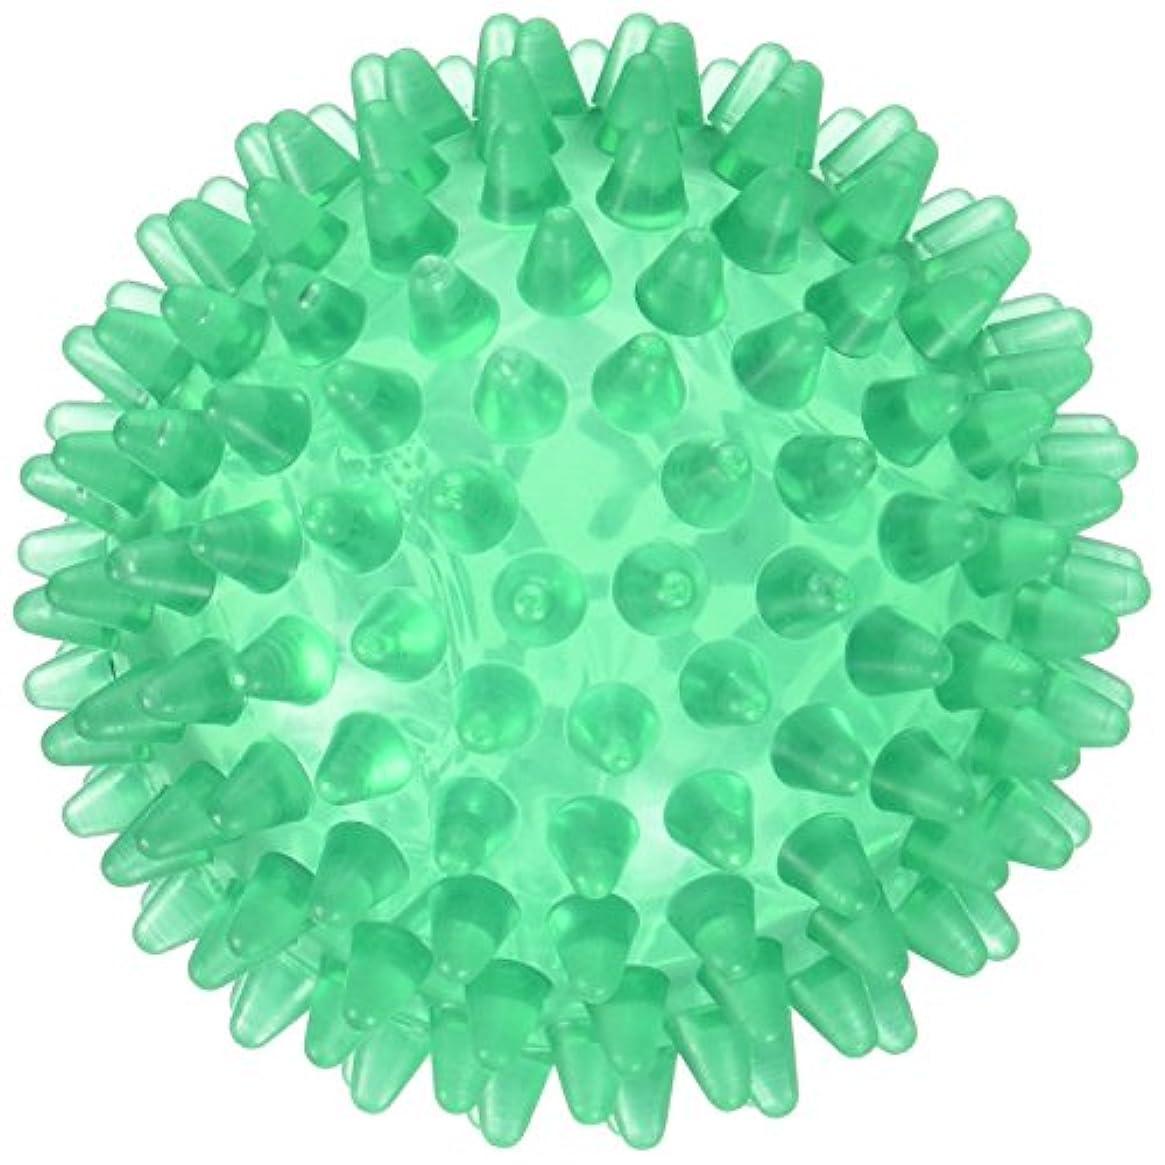 ヒステリック入浴アミューズメントダンノ(DANNO) リハビリ マッサージ用 触覚ボール リフレクションボール